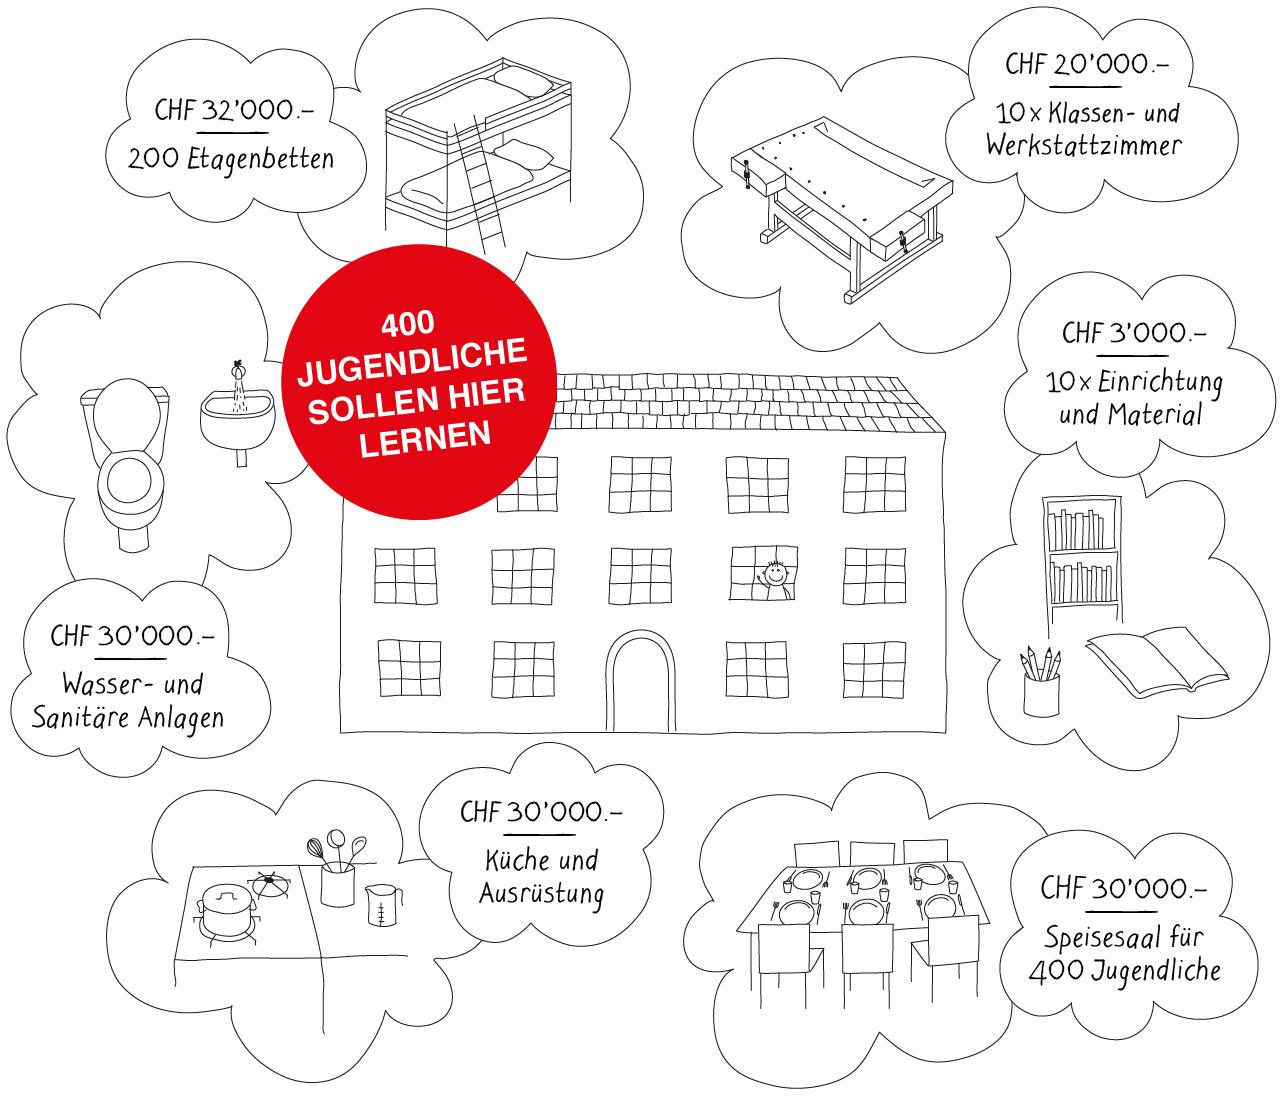 Kosten des Baus und der Materialien